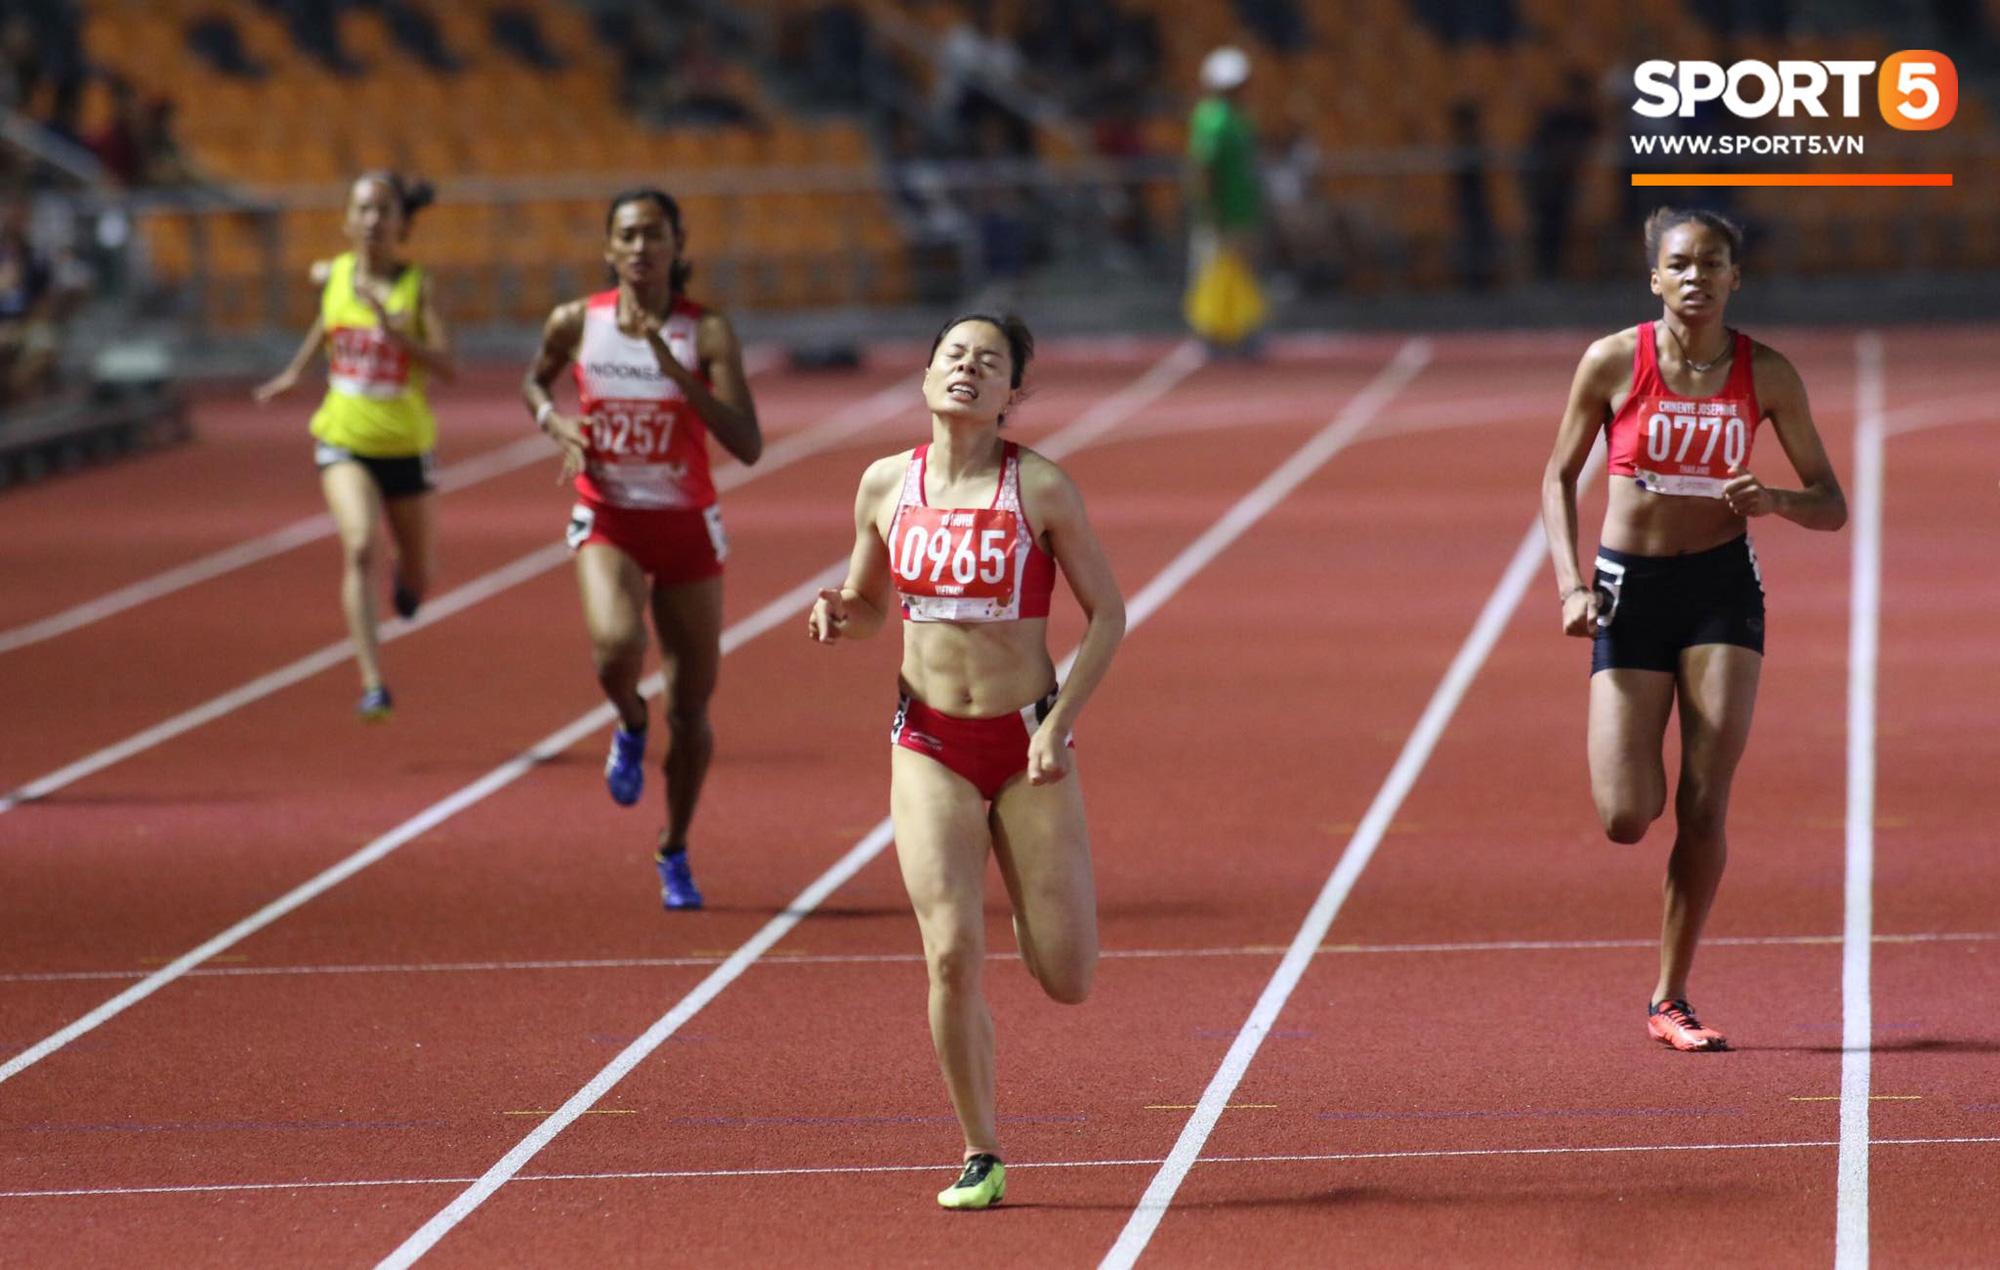 SEA Games ngày 8/12: Nữ hoàng điền kinh Tú Chinh vượt 2 VĐV nhập tịch trong tích tắc, xuất sắc giành HCV chung cuộc - Ảnh 10.